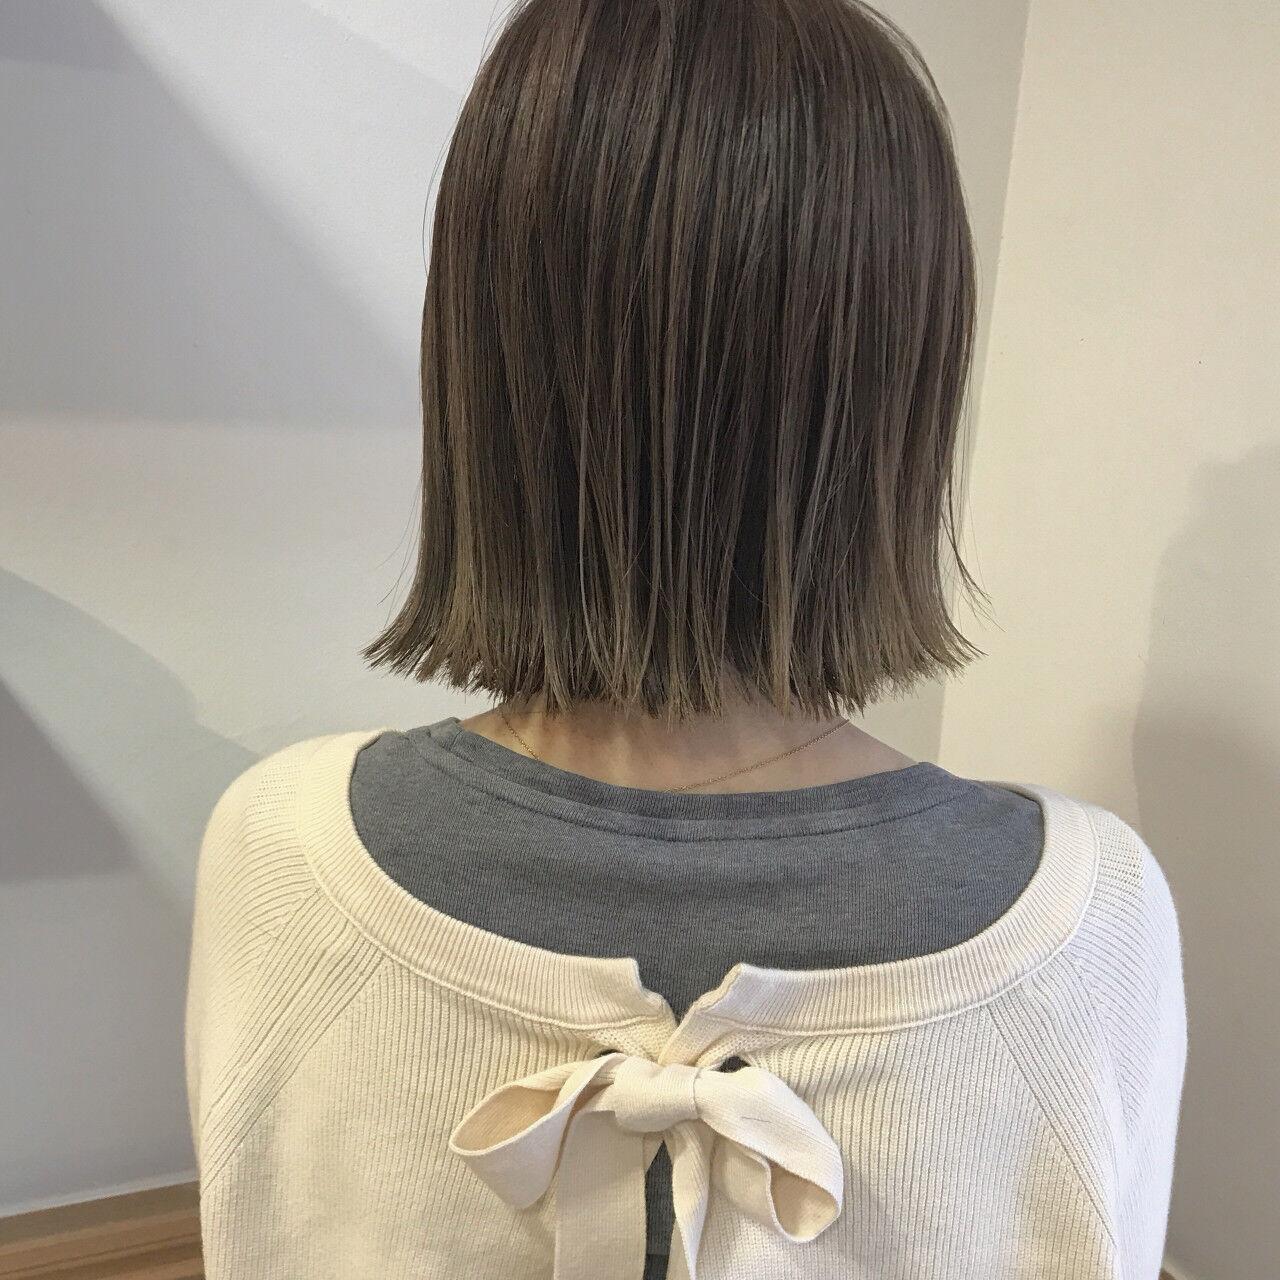 秋 ロブ 透明感 ボブヘアスタイルや髪型の写真・画像